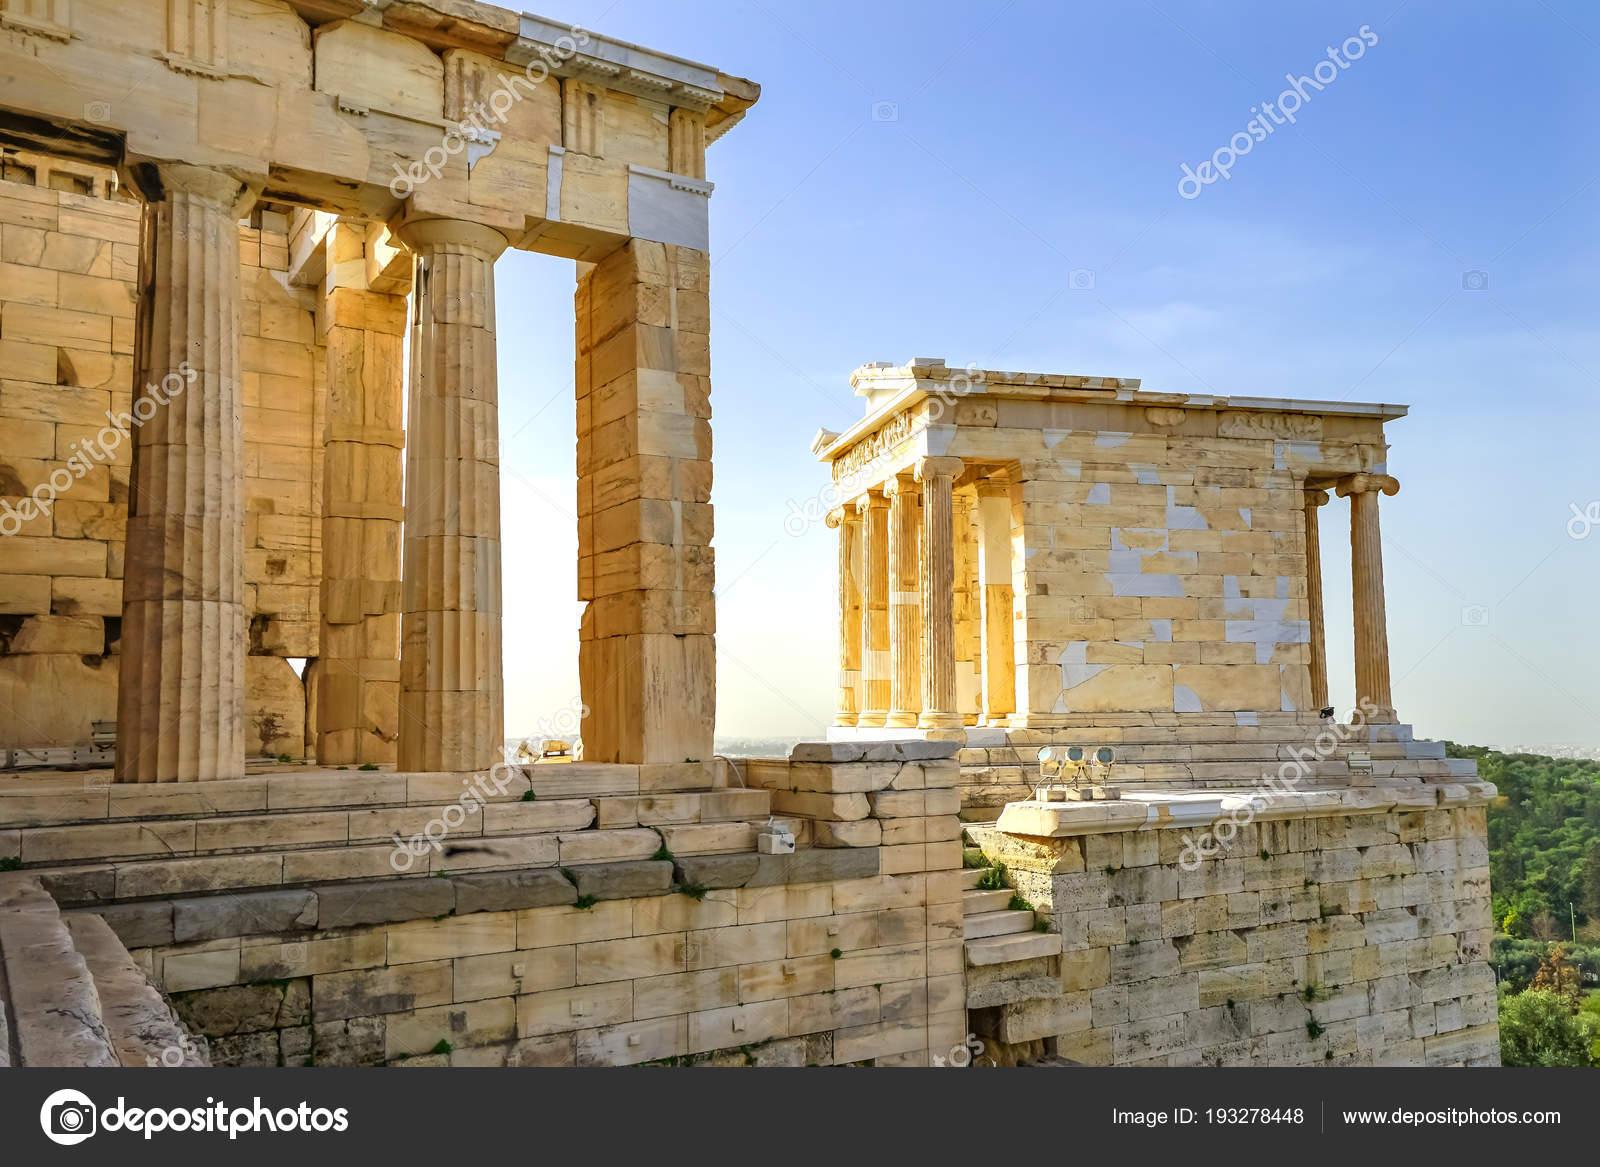 quality design 41007 be258 ... Propileos antigua entrada Gateway ruinas Acrópolis Atenas Grecia  construcción terminó en 432 a. C. templo construido 420 Bc. Nike en griego  significa ...